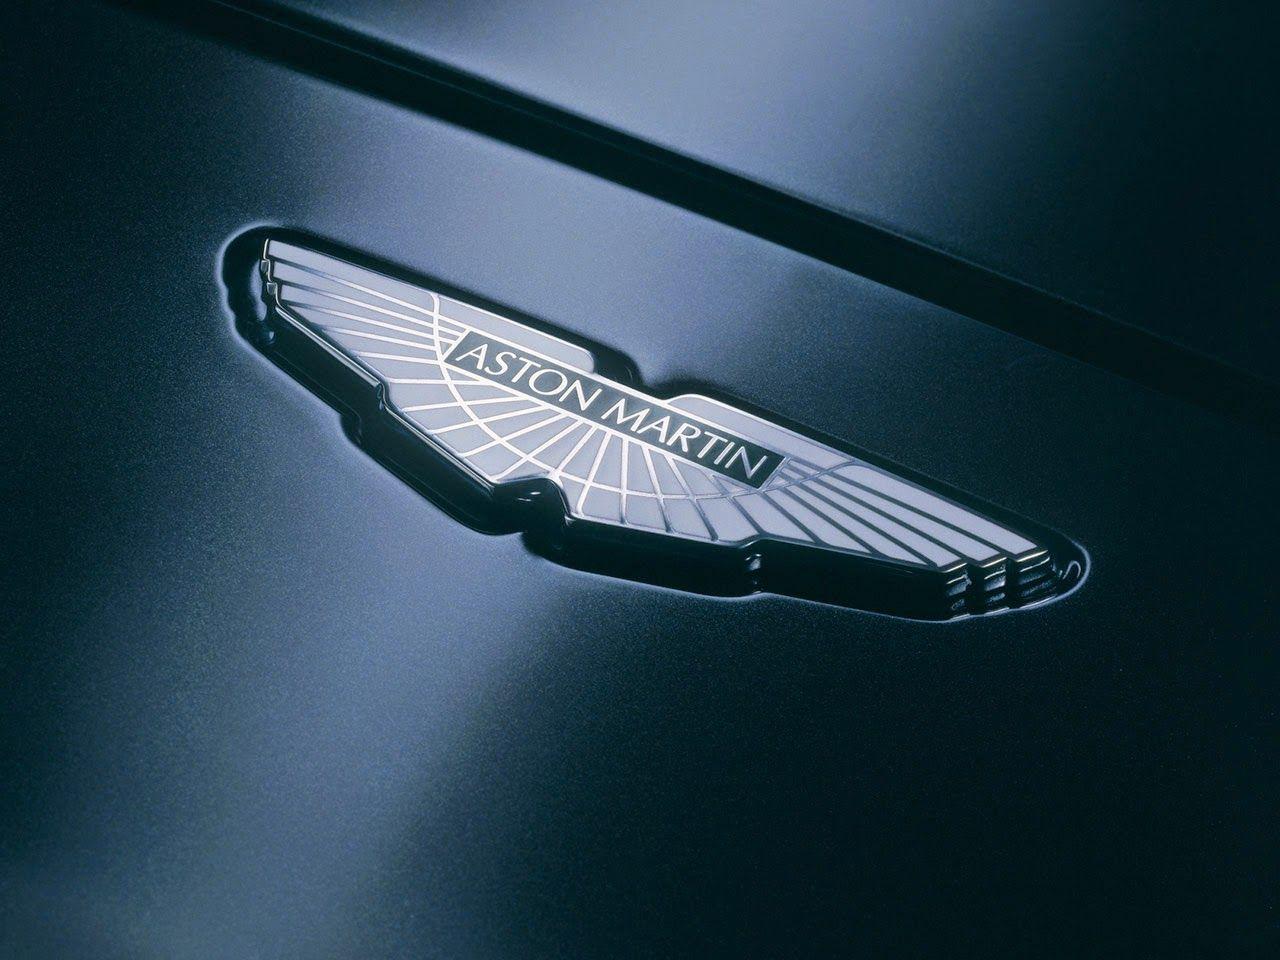 histoire de la marque de voiture anglaise aston martin marque de voiture pinterest aston. Black Bedroom Furniture Sets. Home Design Ideas